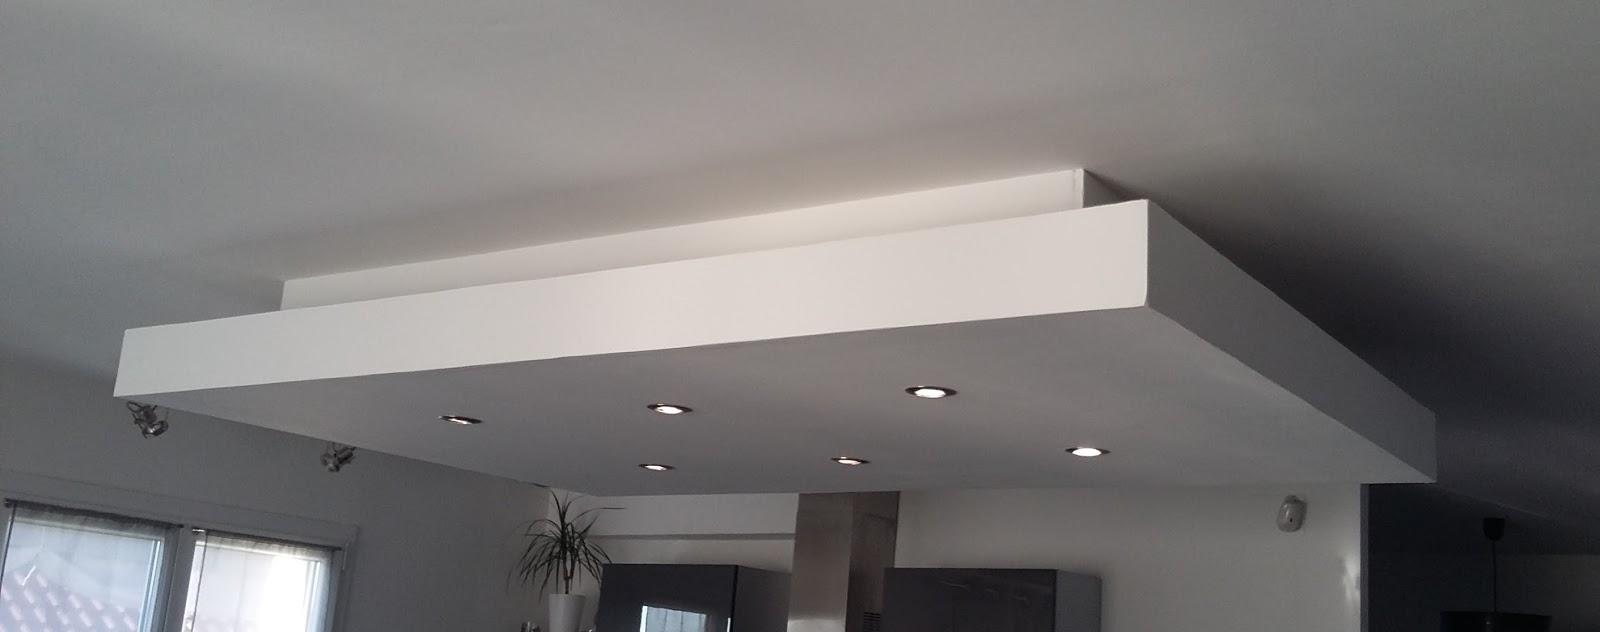 bricolage : de l'idée à la réalisation. : plafond descendu (caisson